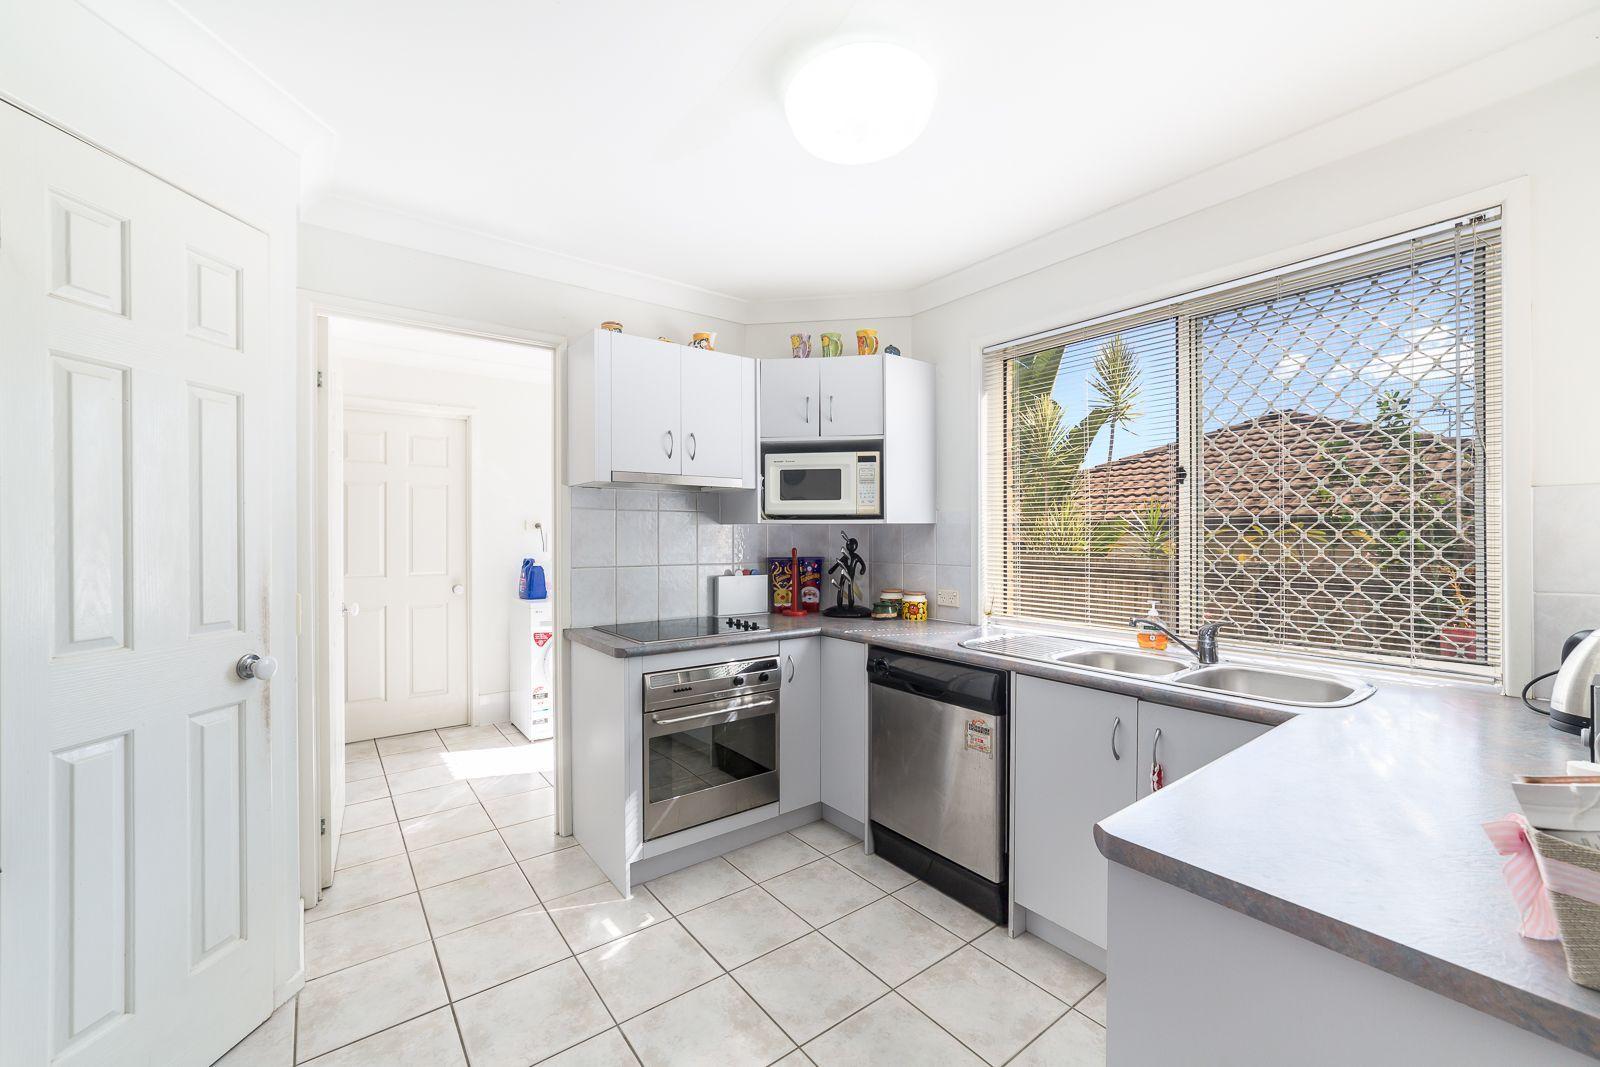 14/2 Penda Court, Merrimac QLD 4226, Image 2